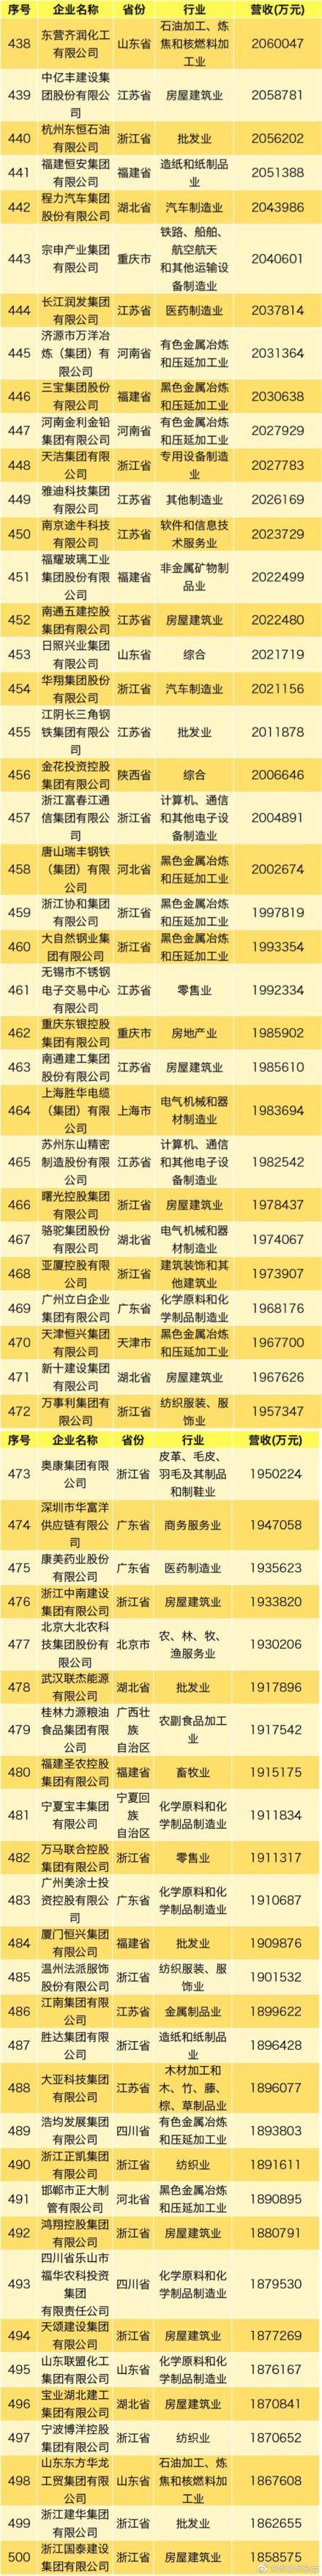 2019中国民营企业500强名单:华为海航苏宁列前三